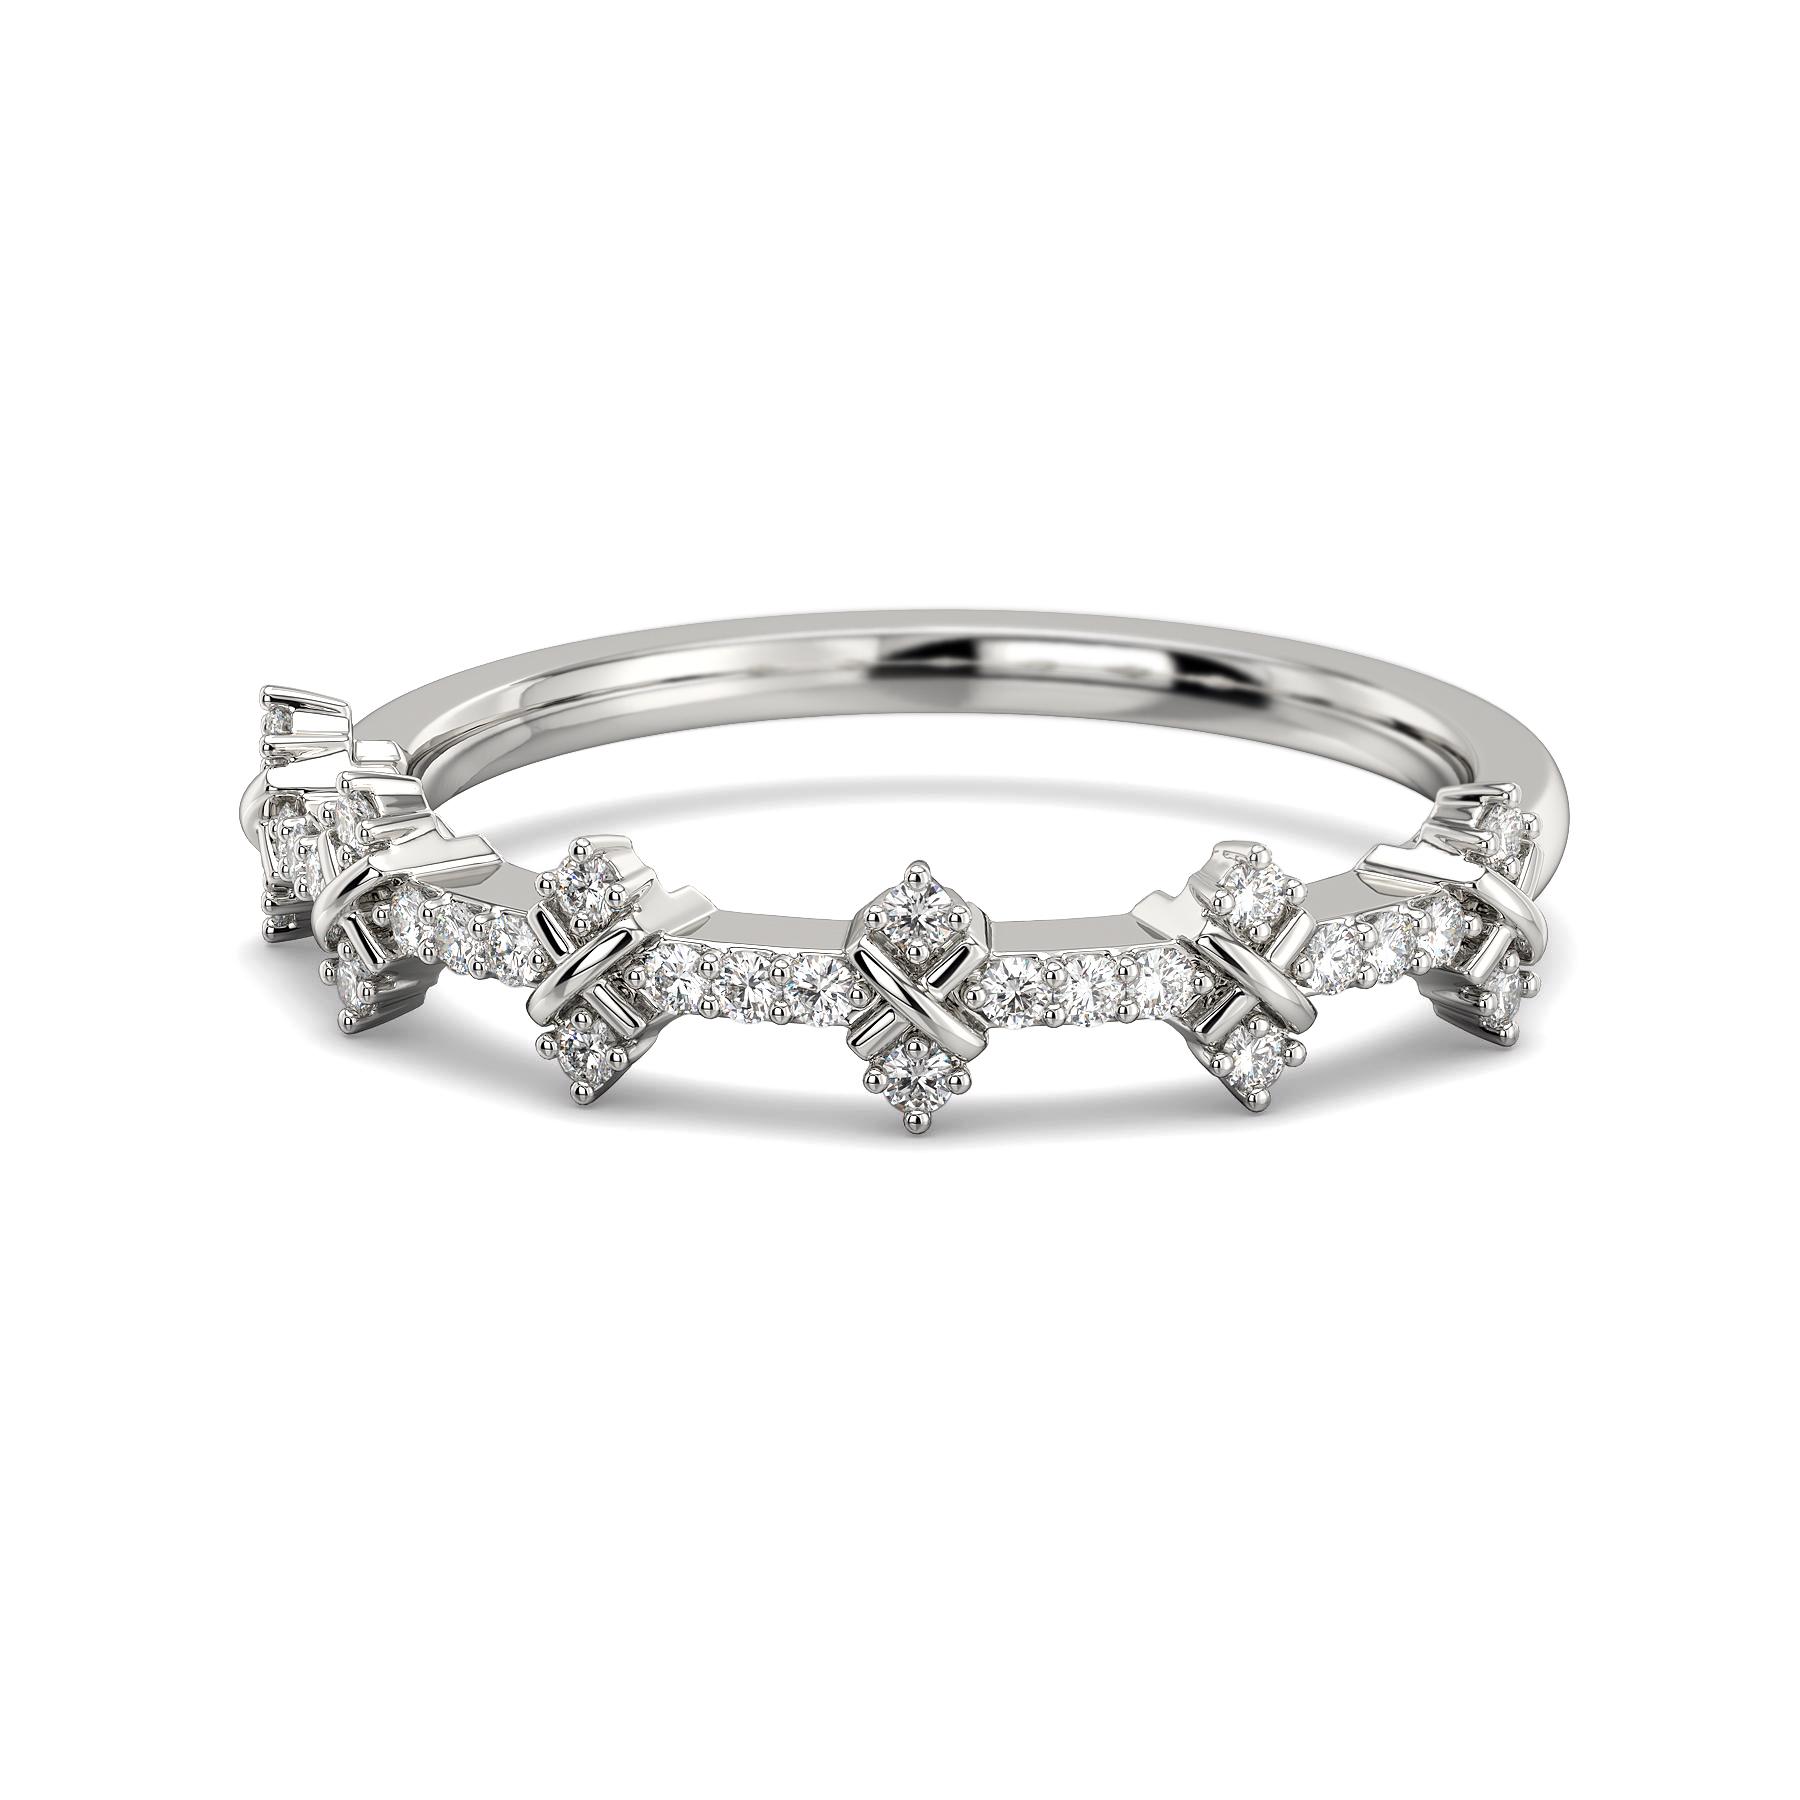 Sleek N Chic Diamond Rings